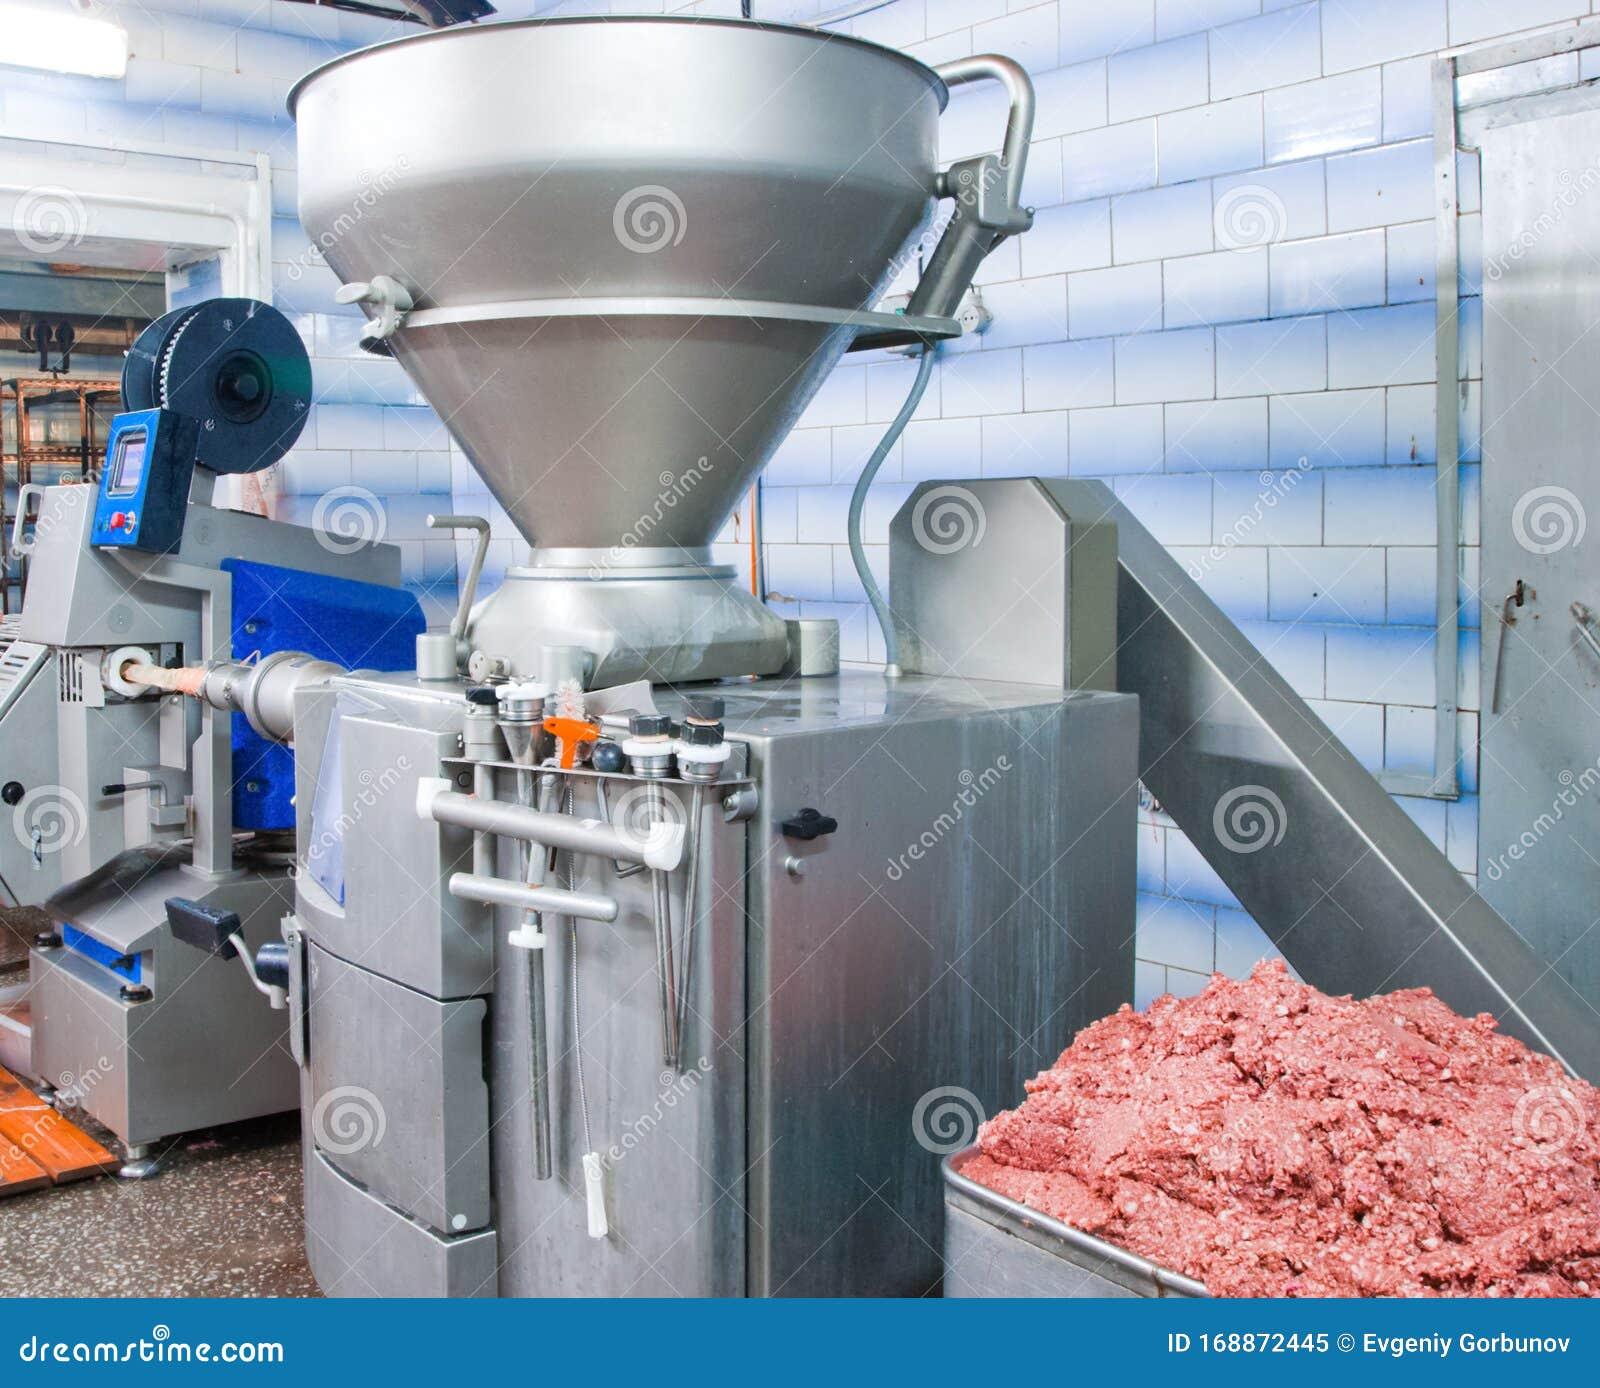 Конвейер для обработки мяса скребковый конвейер 202